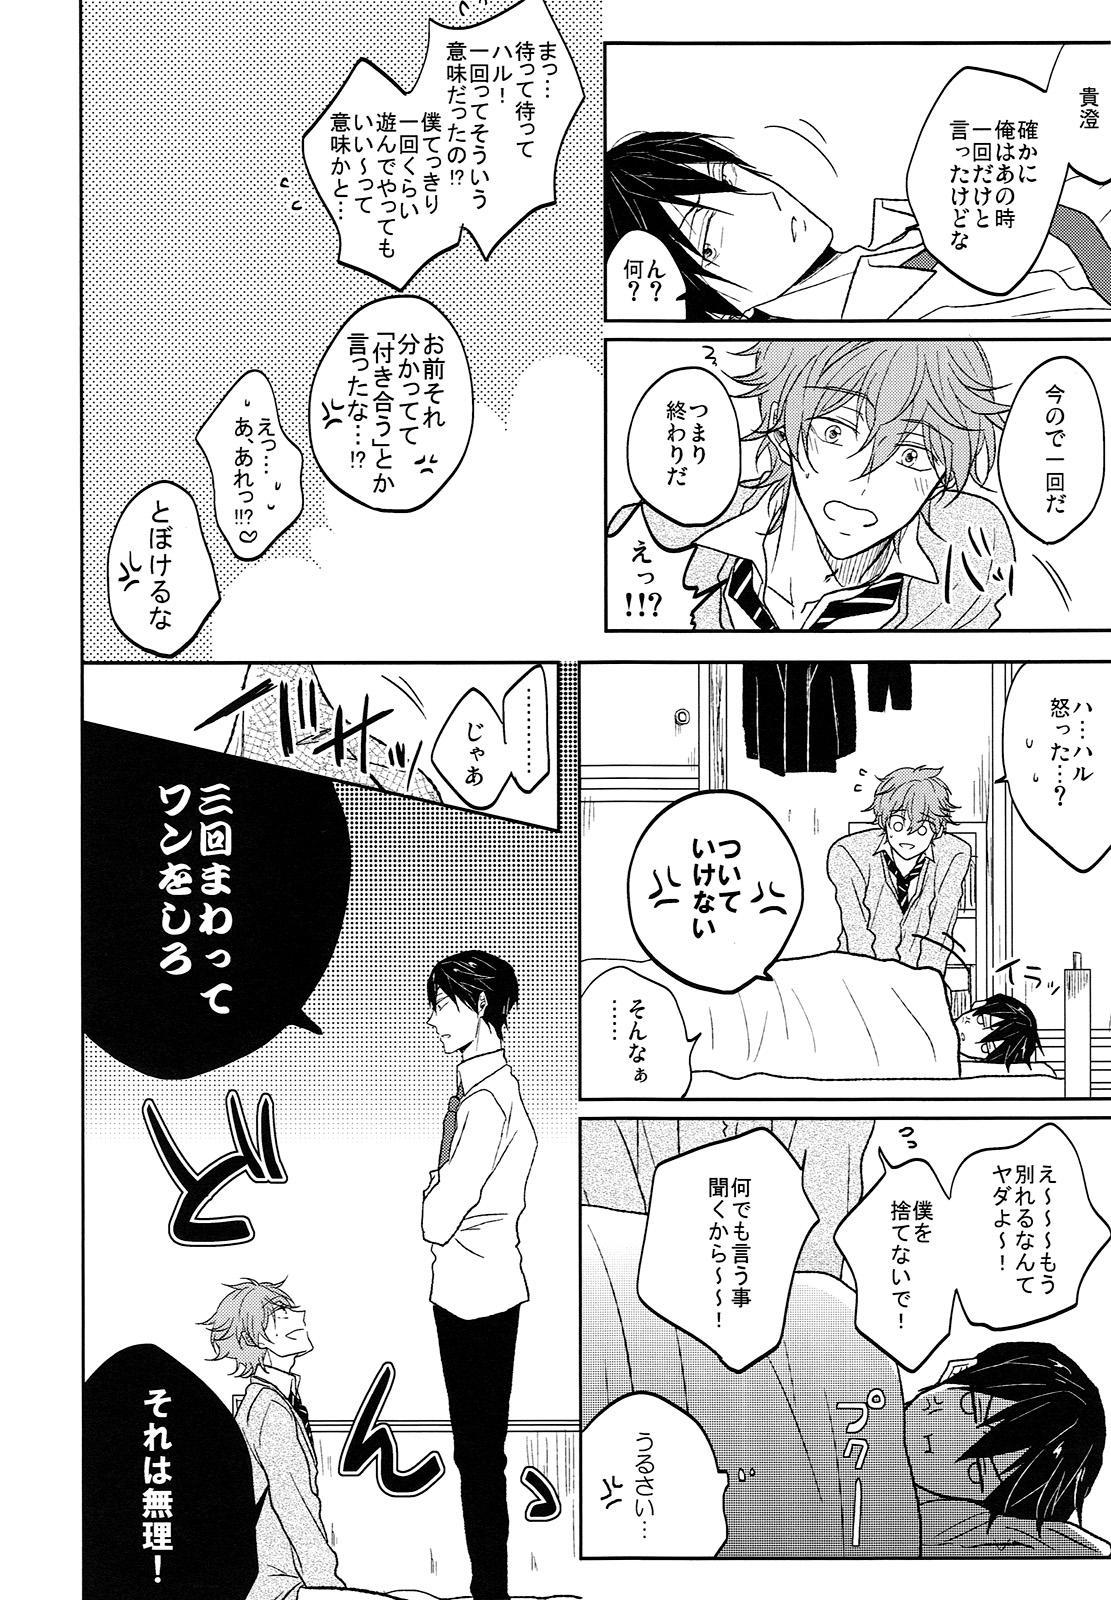 Hizamazuite nyan to nake 8